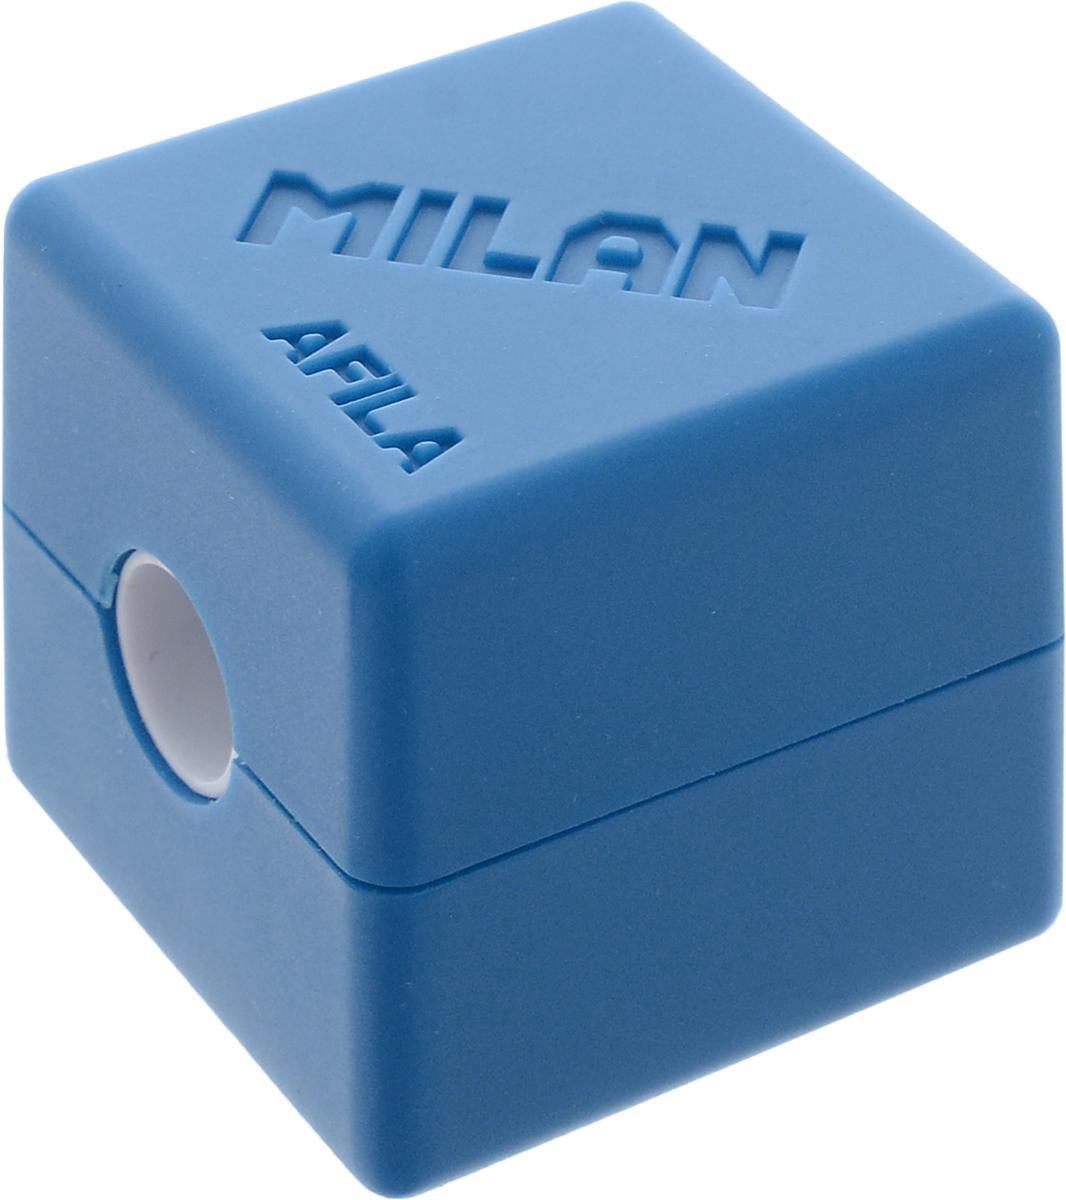 Milan Точилка Cubic с контейнером цвет синий20154216_синийКомпактная точилка Milan Cubic с контейнером оснащена безопасной системой заточки.Эта система предотвращает отделение лезвия от точилки. Идеально подходит для использования в школах. Стальное лезвие острое и устойчиво к повреждению. Идеально подходит для заточки графитовых и цветных карандашей.